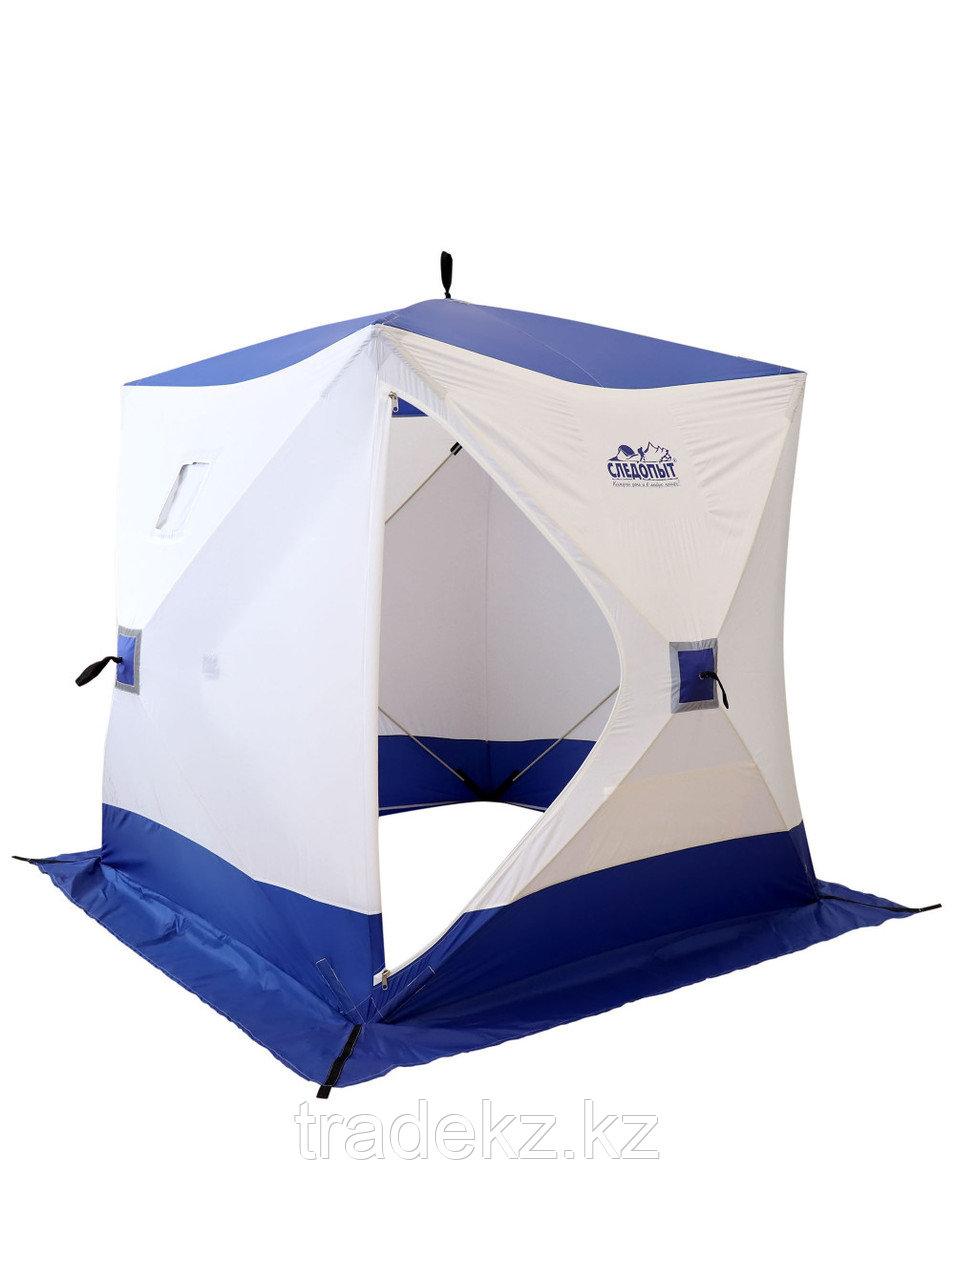 Палатка для зимней рыбалки PF-TW-05 куб СЛЕДОПЫТ 2,1 х 2,1 м